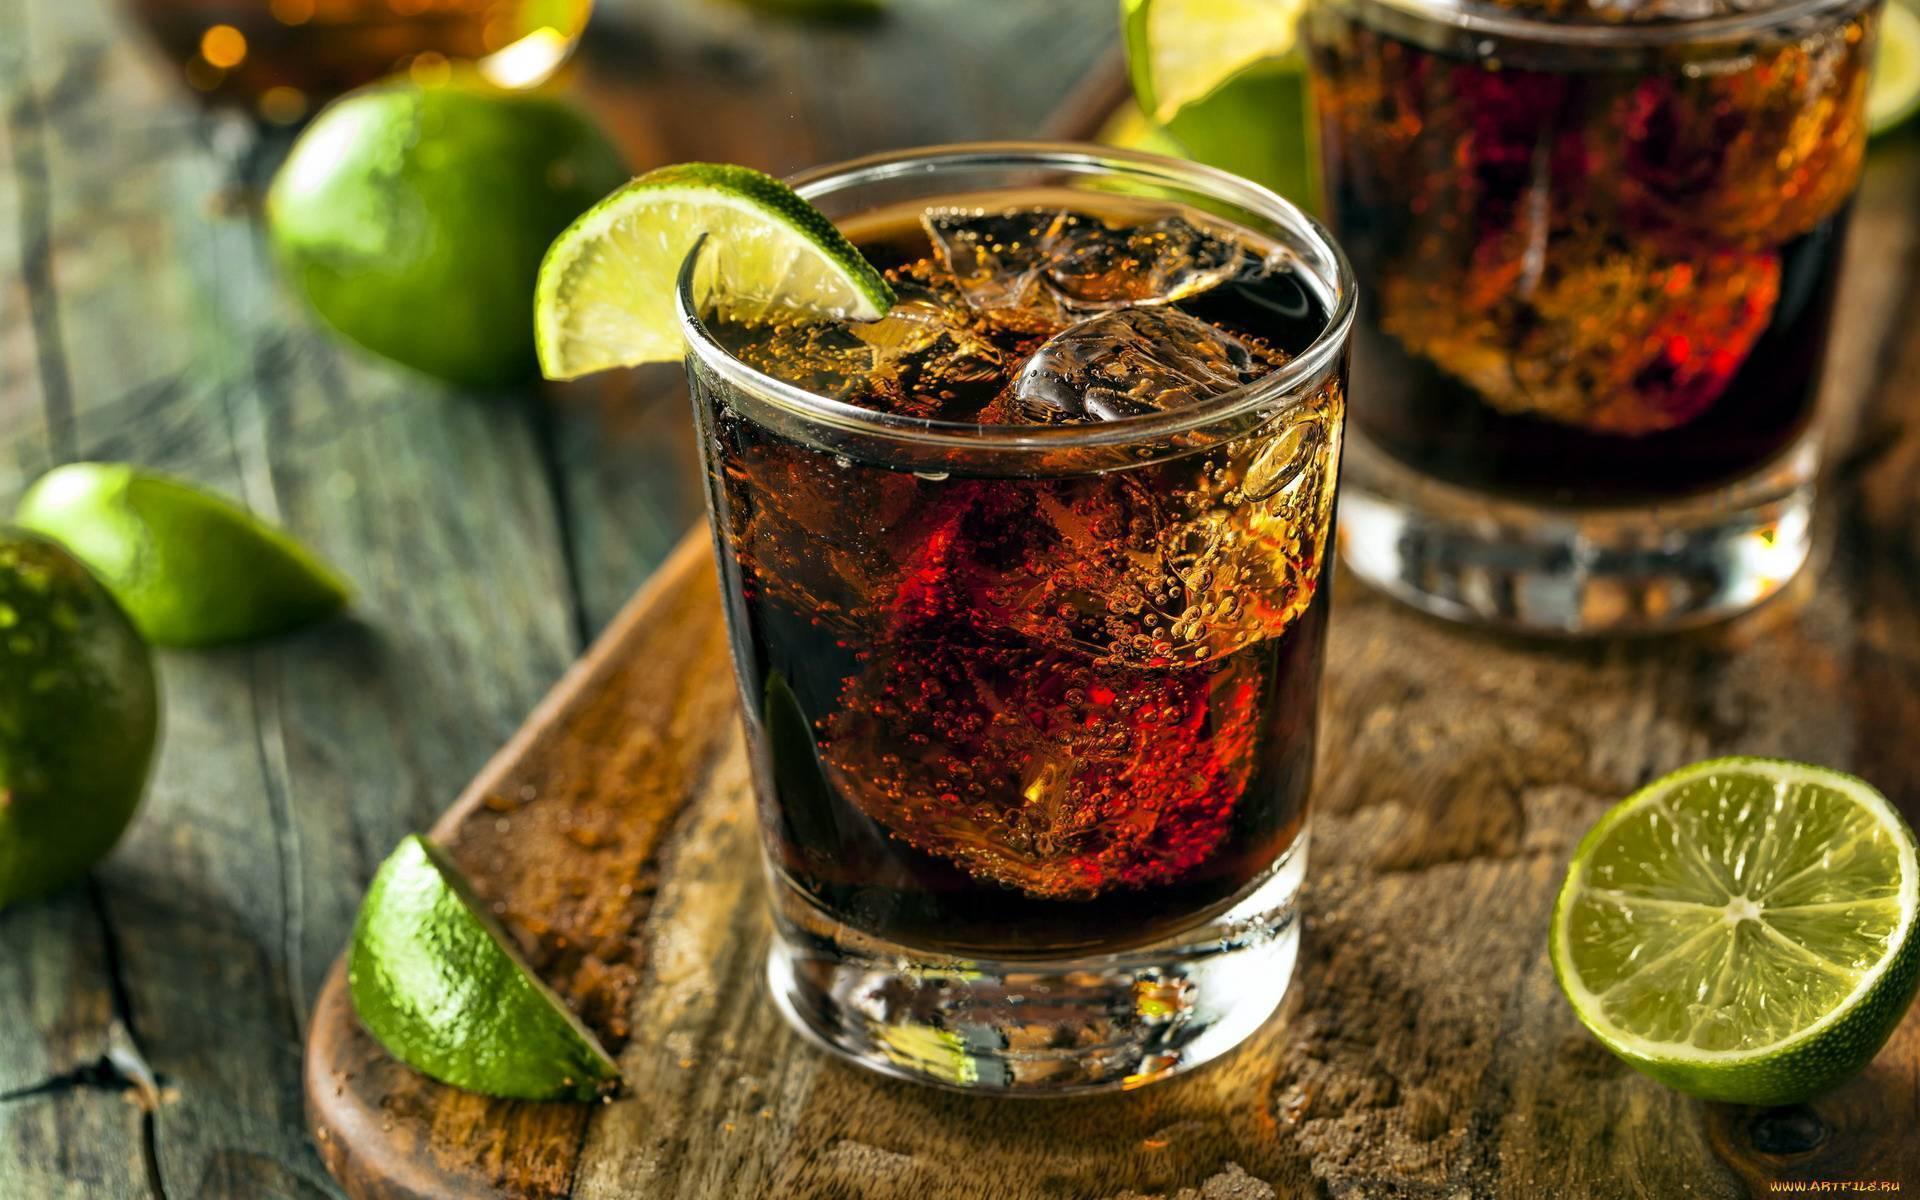 Сочетание ликеров с другими напитками